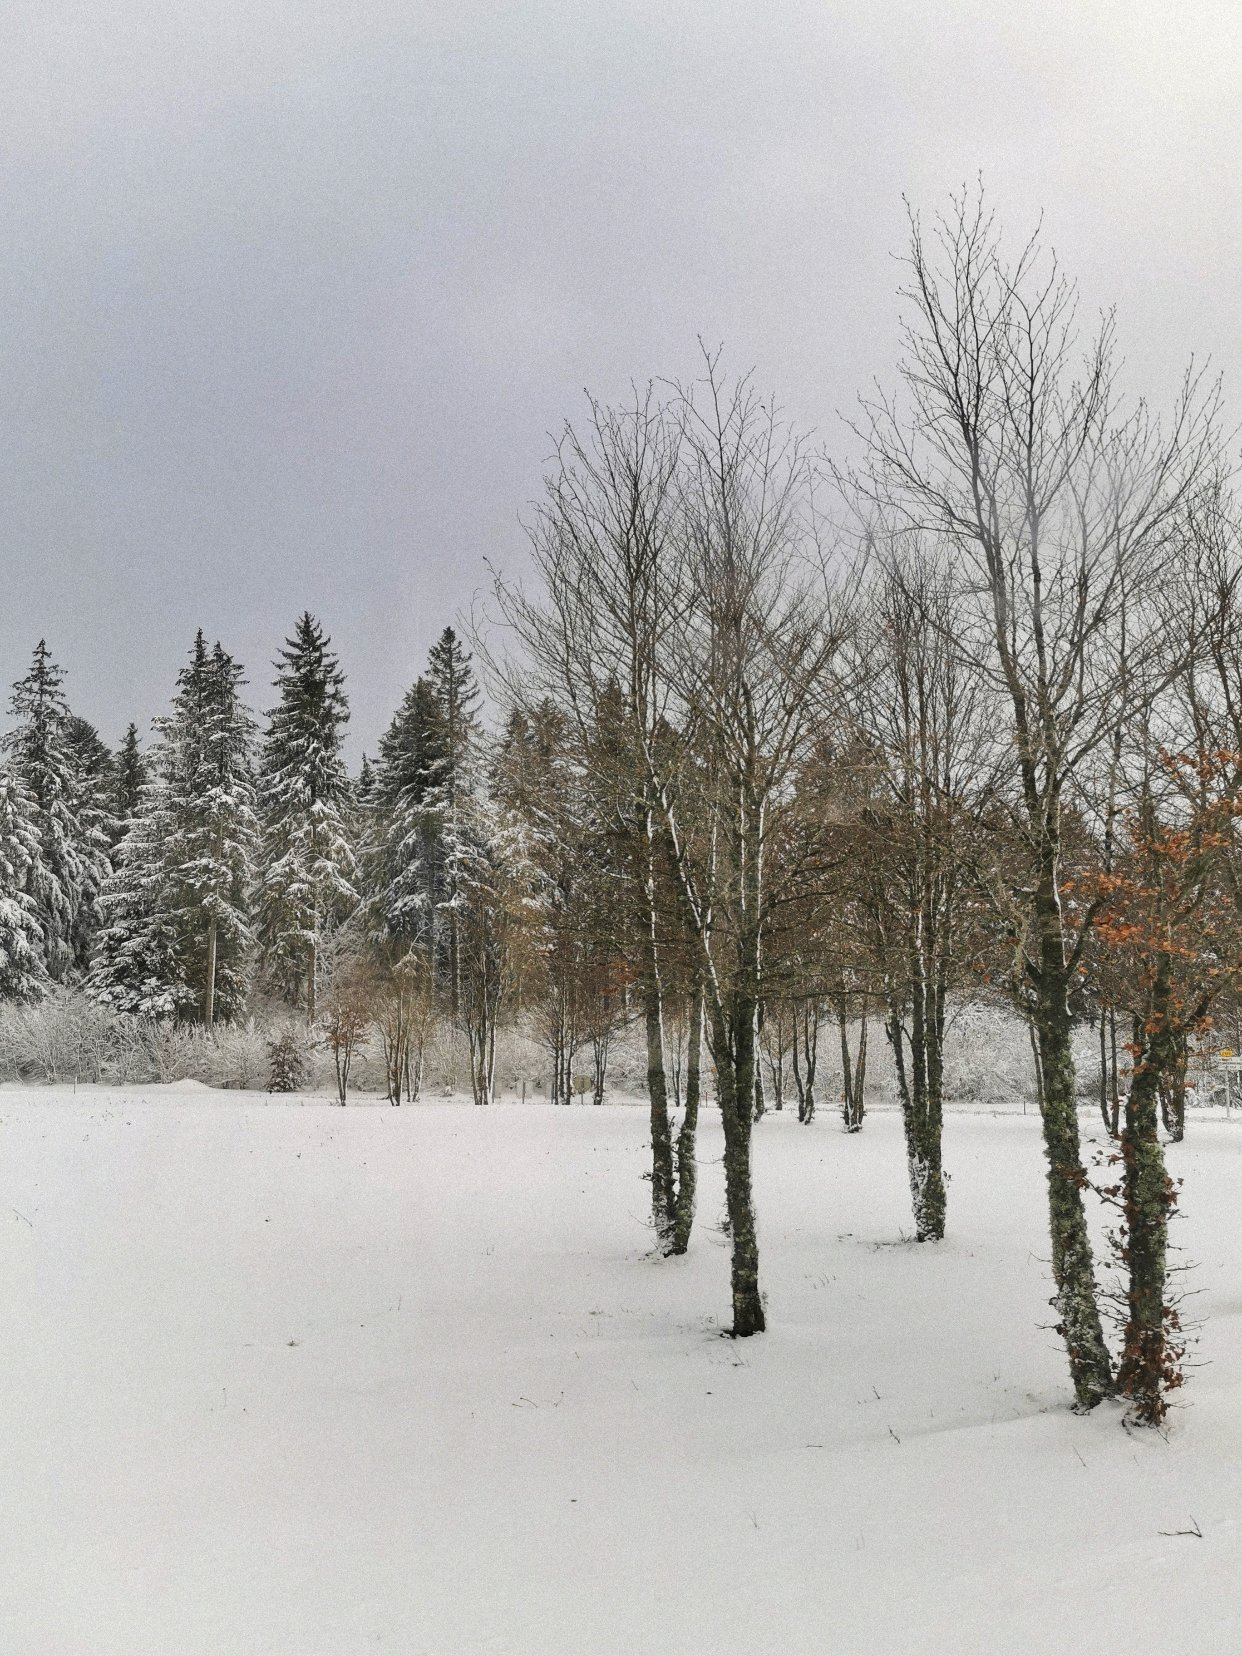 大家今年都看到雪了吗~